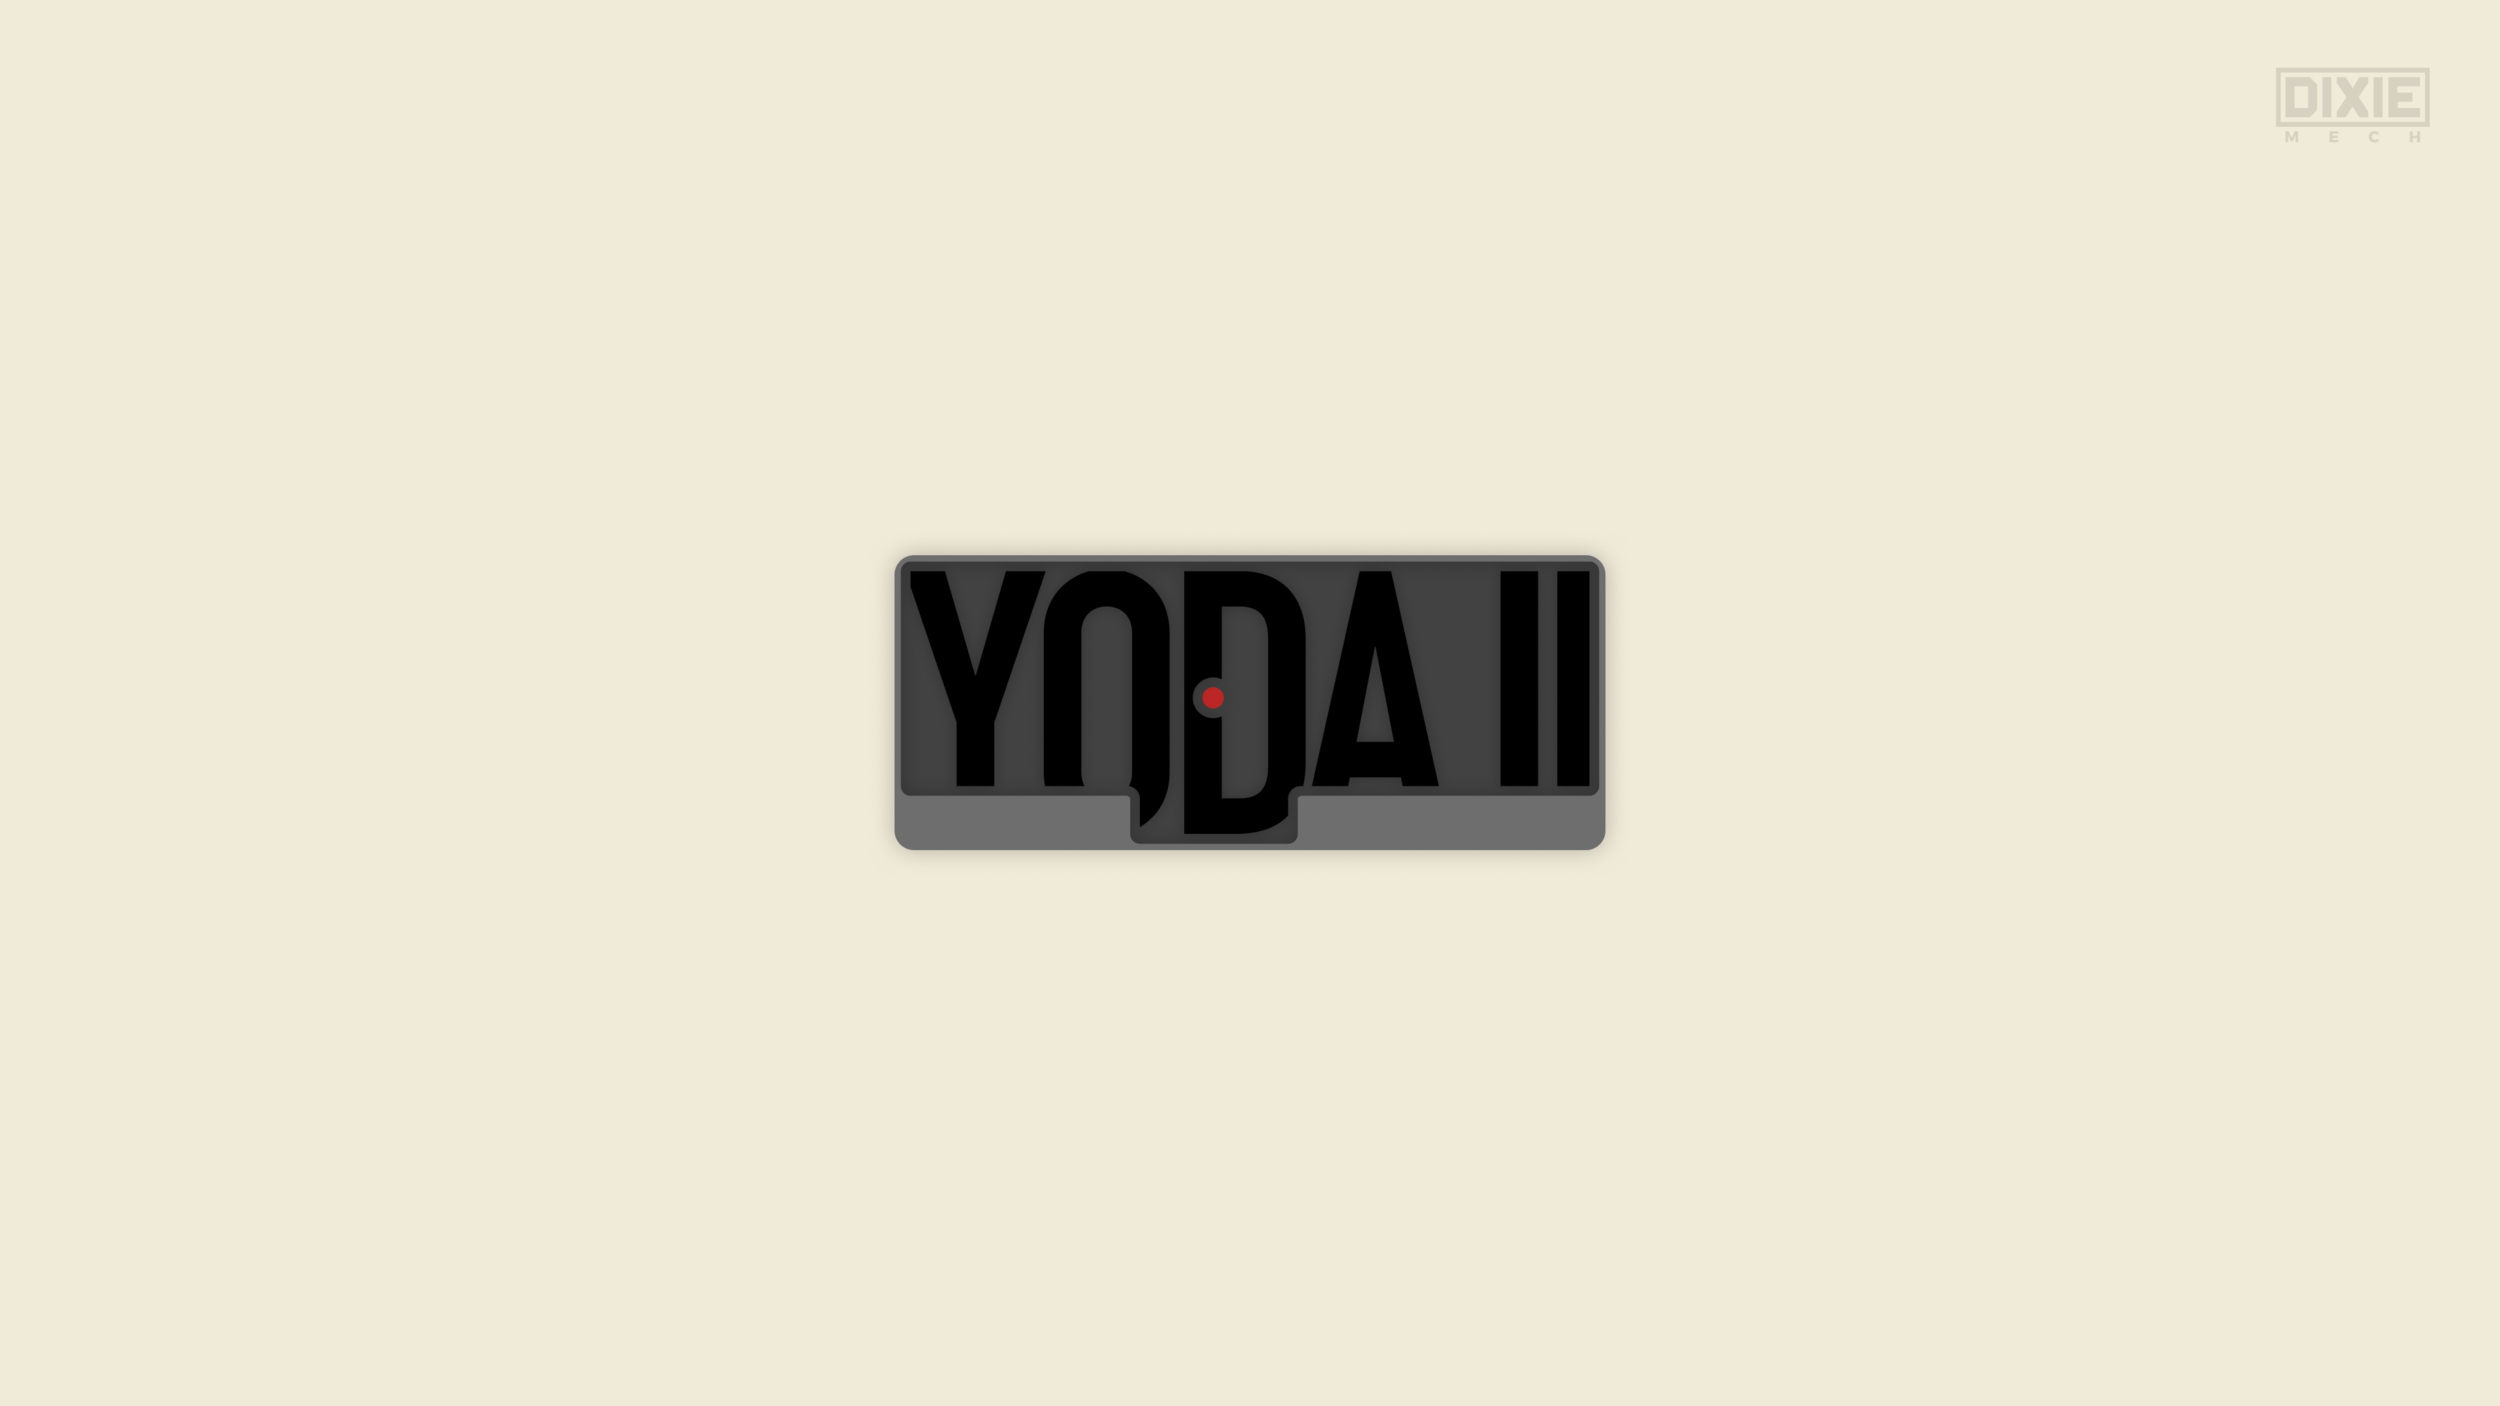 Yoda II by TEX